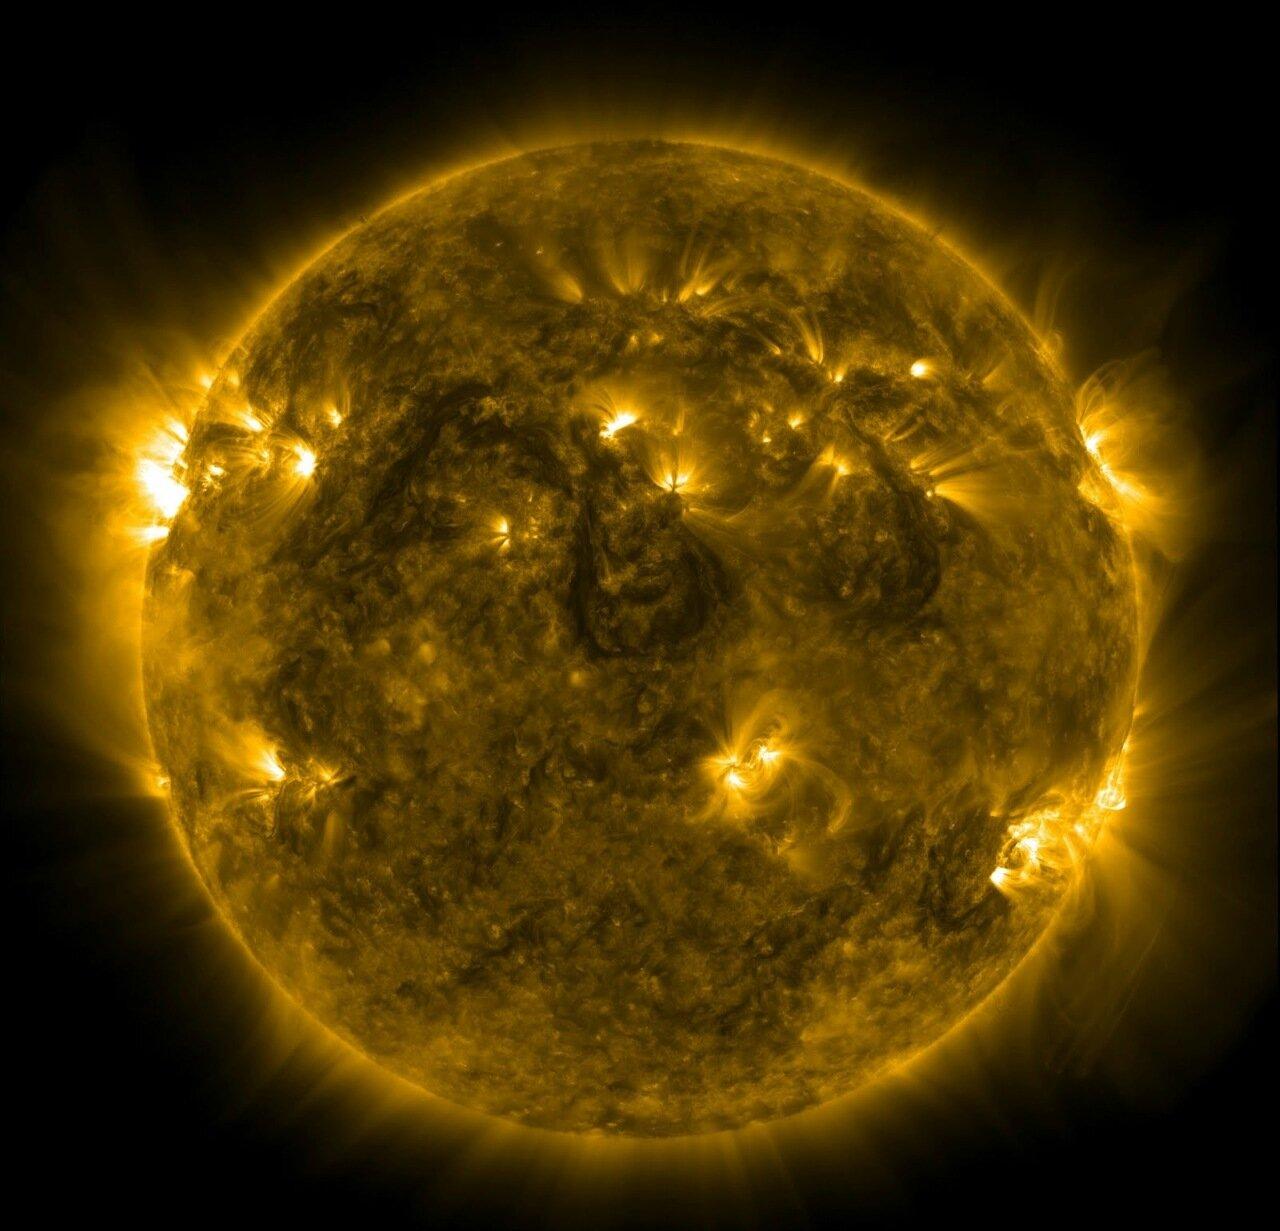 nasa sun images - HD1280×1231